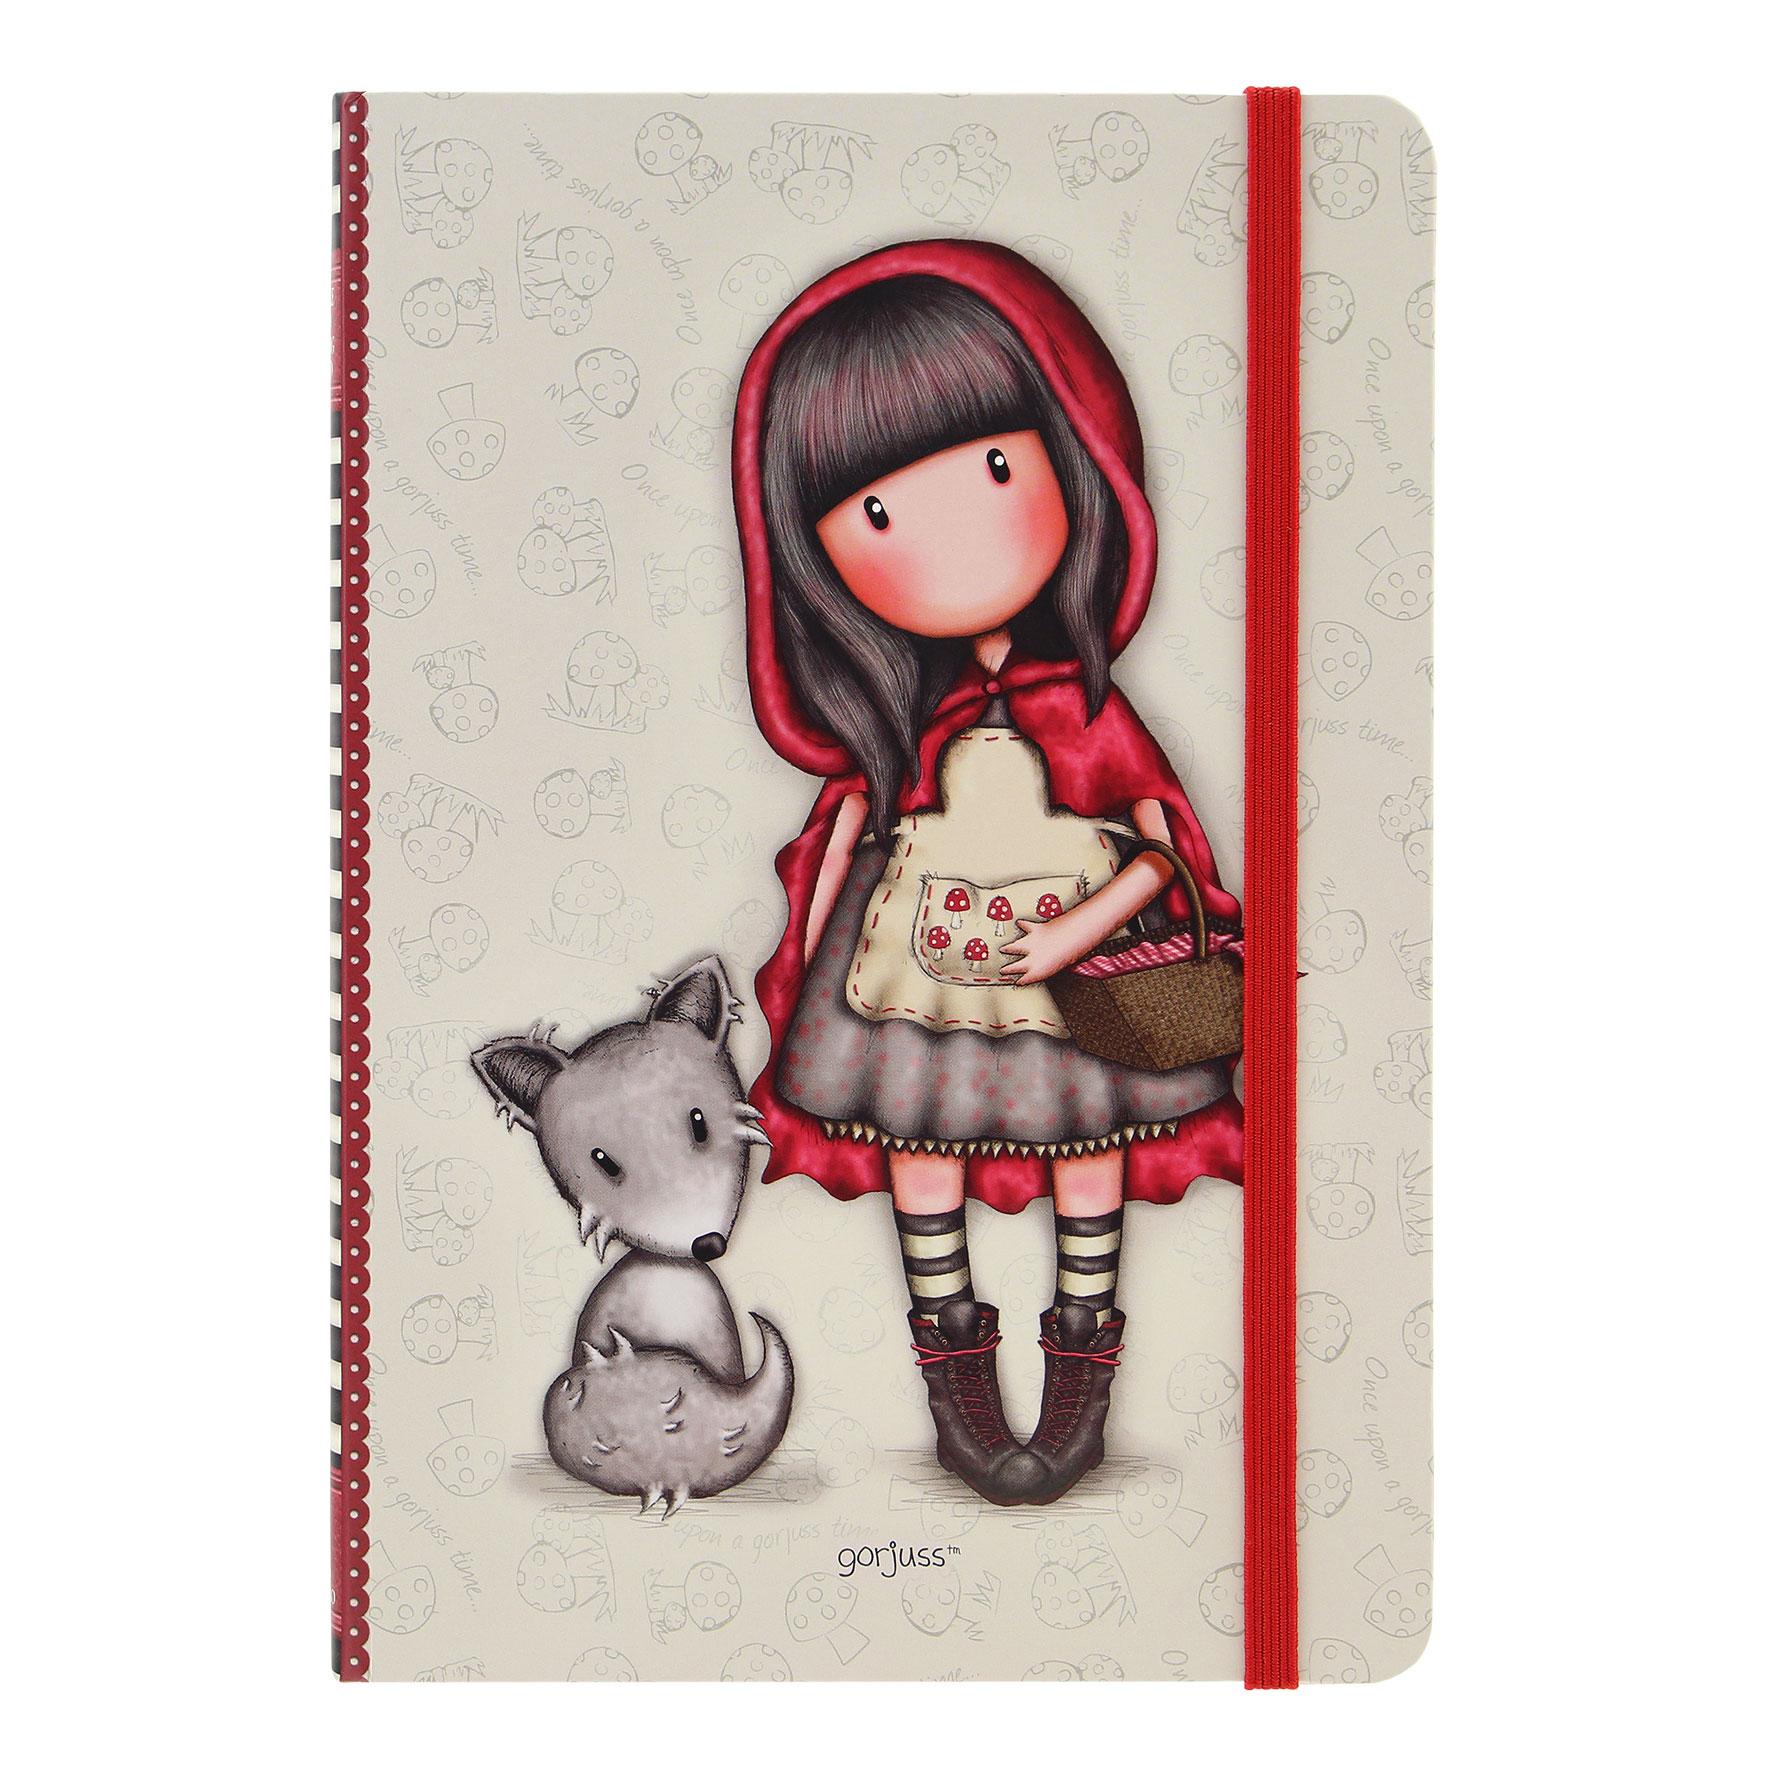 Купить Блокнот в твердой обложке - Little Red Riding Hood, Santoro London